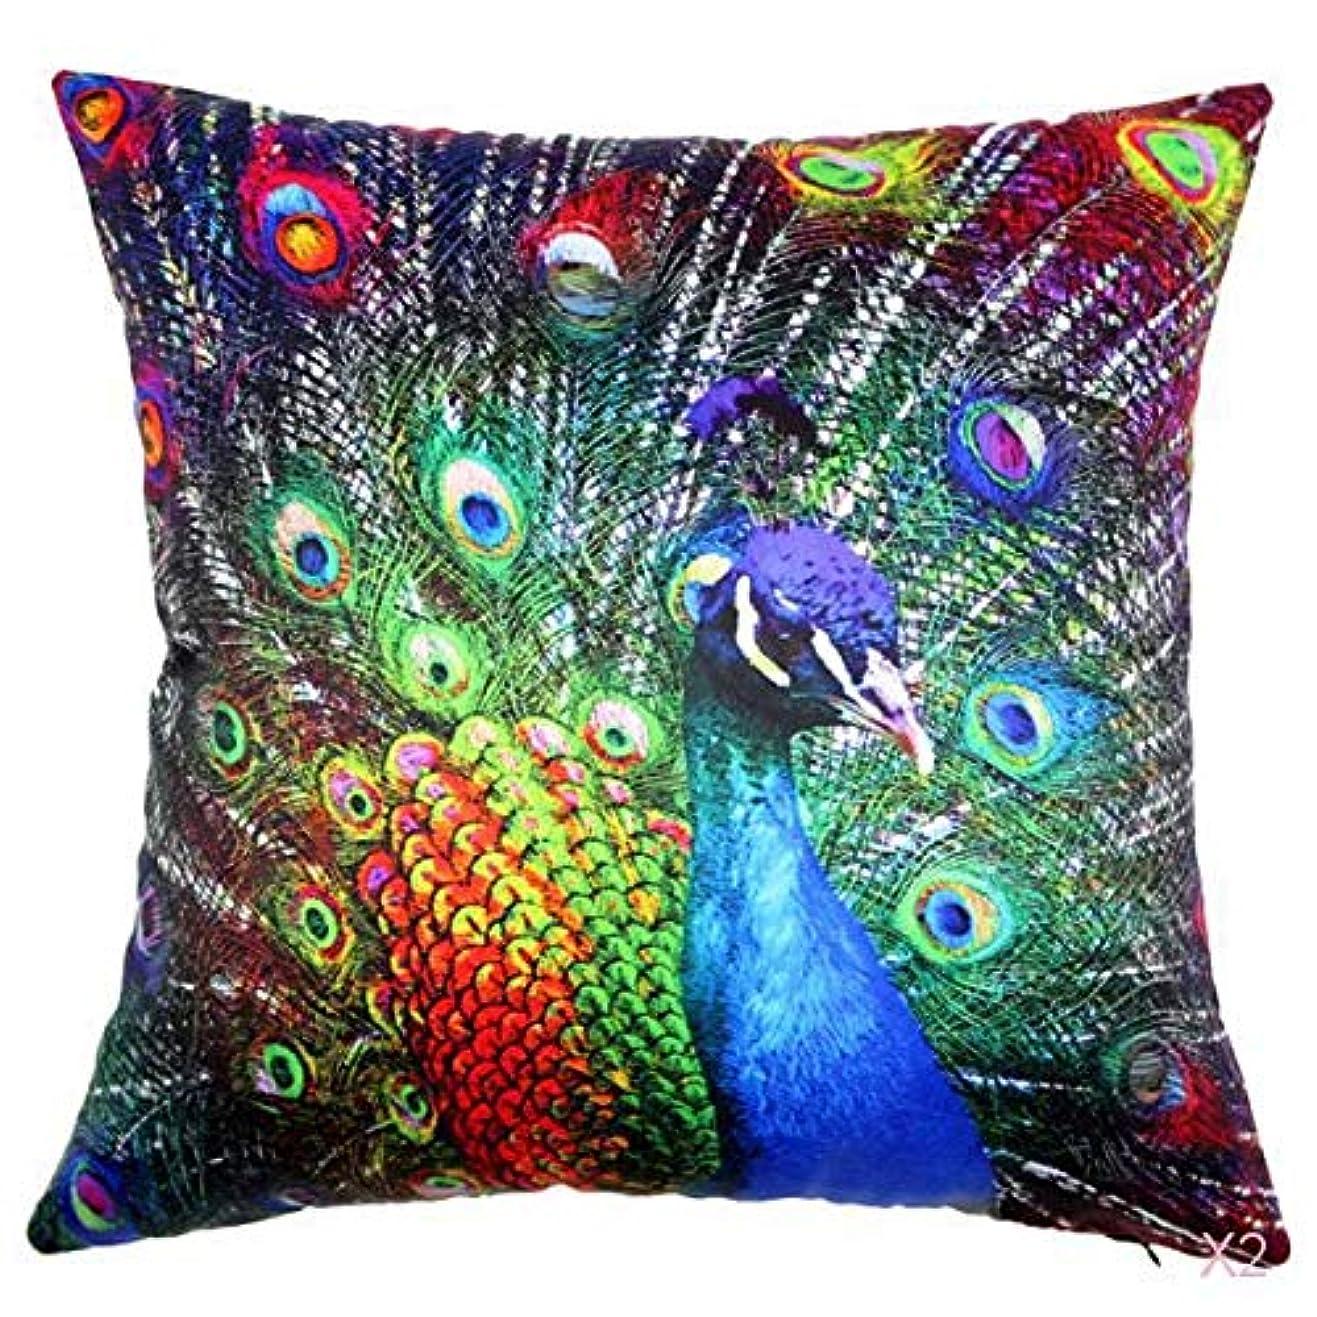 確執関税年齢45センチメートル家の装飾スロー枕カバークッションカバーヴィンテージ孔雀のパターン02